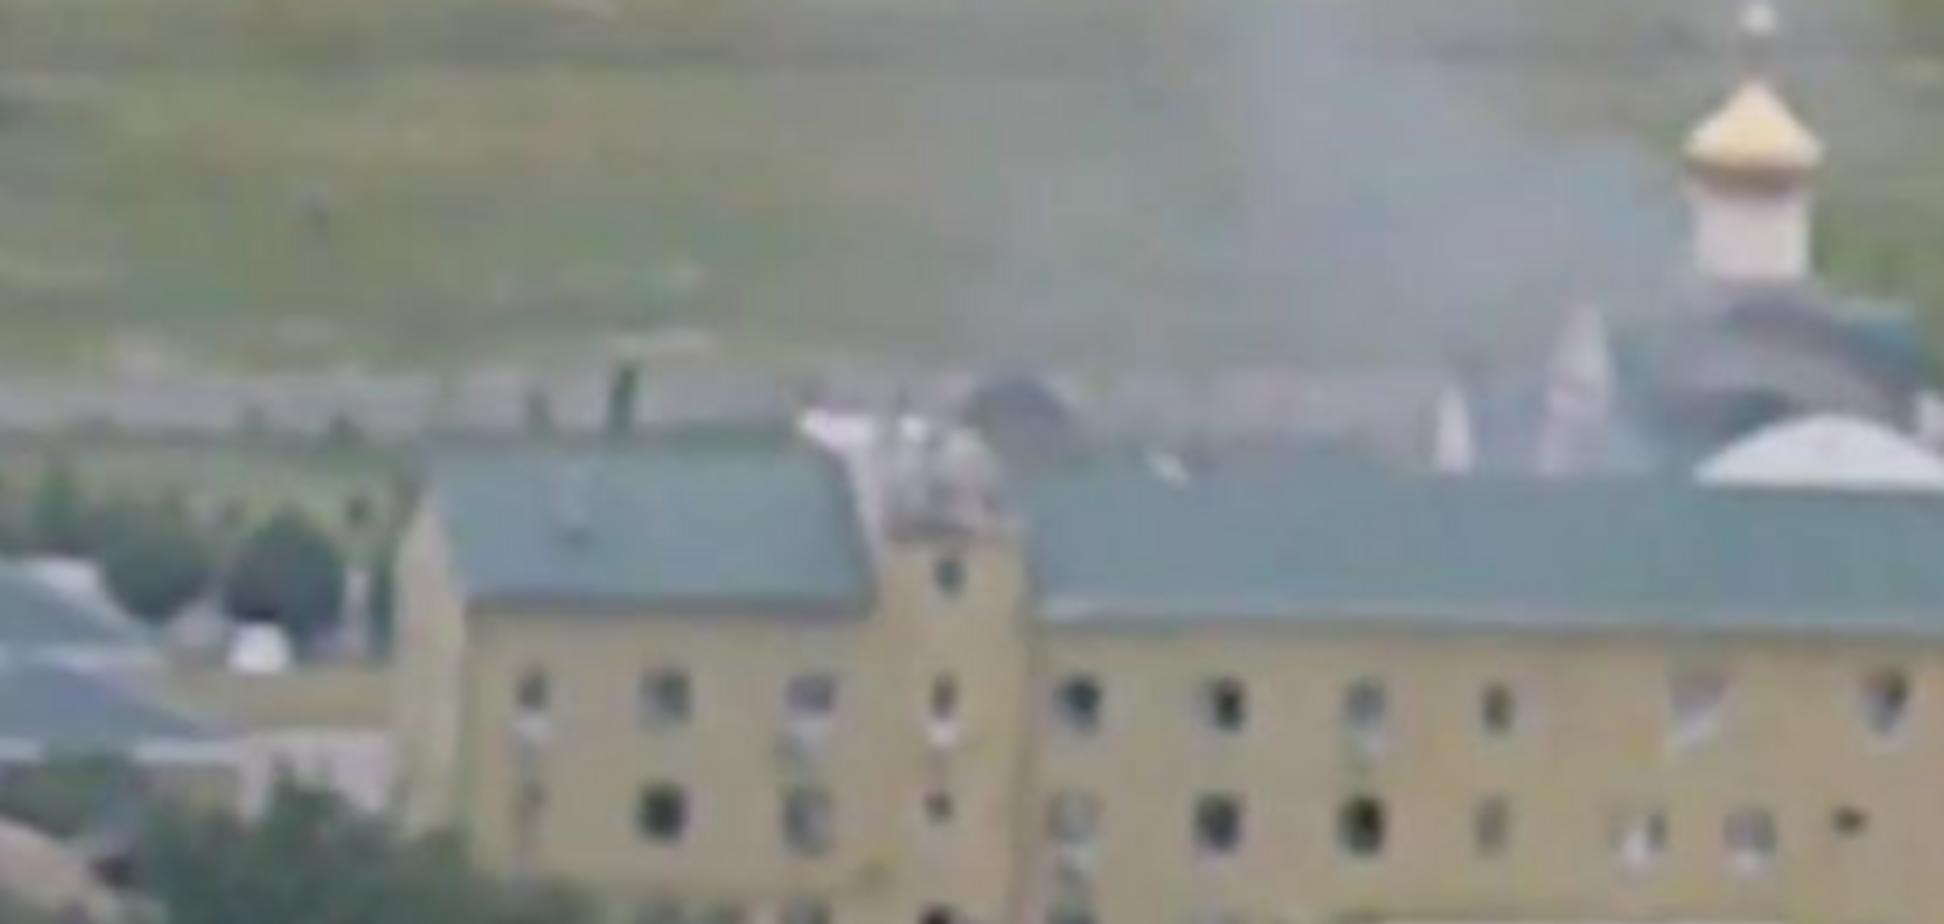 Госпогранслужба: захвата Луганского погранотряда не было, личный состав готов отбивать атаки